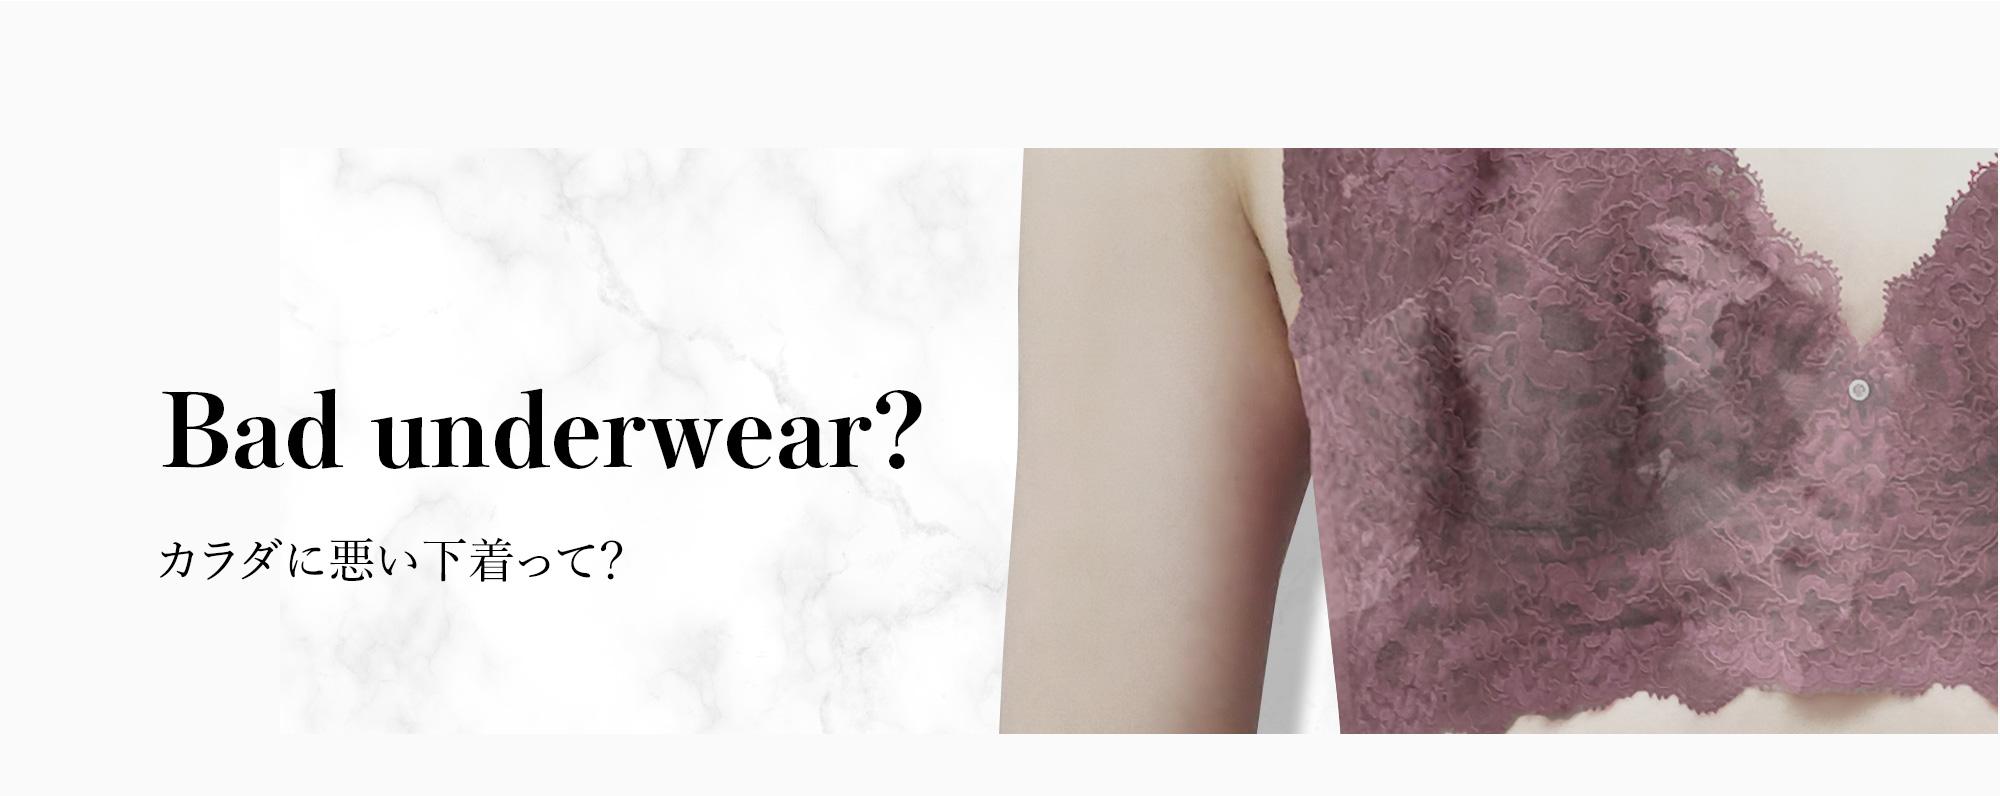 体に悪い下着とは?